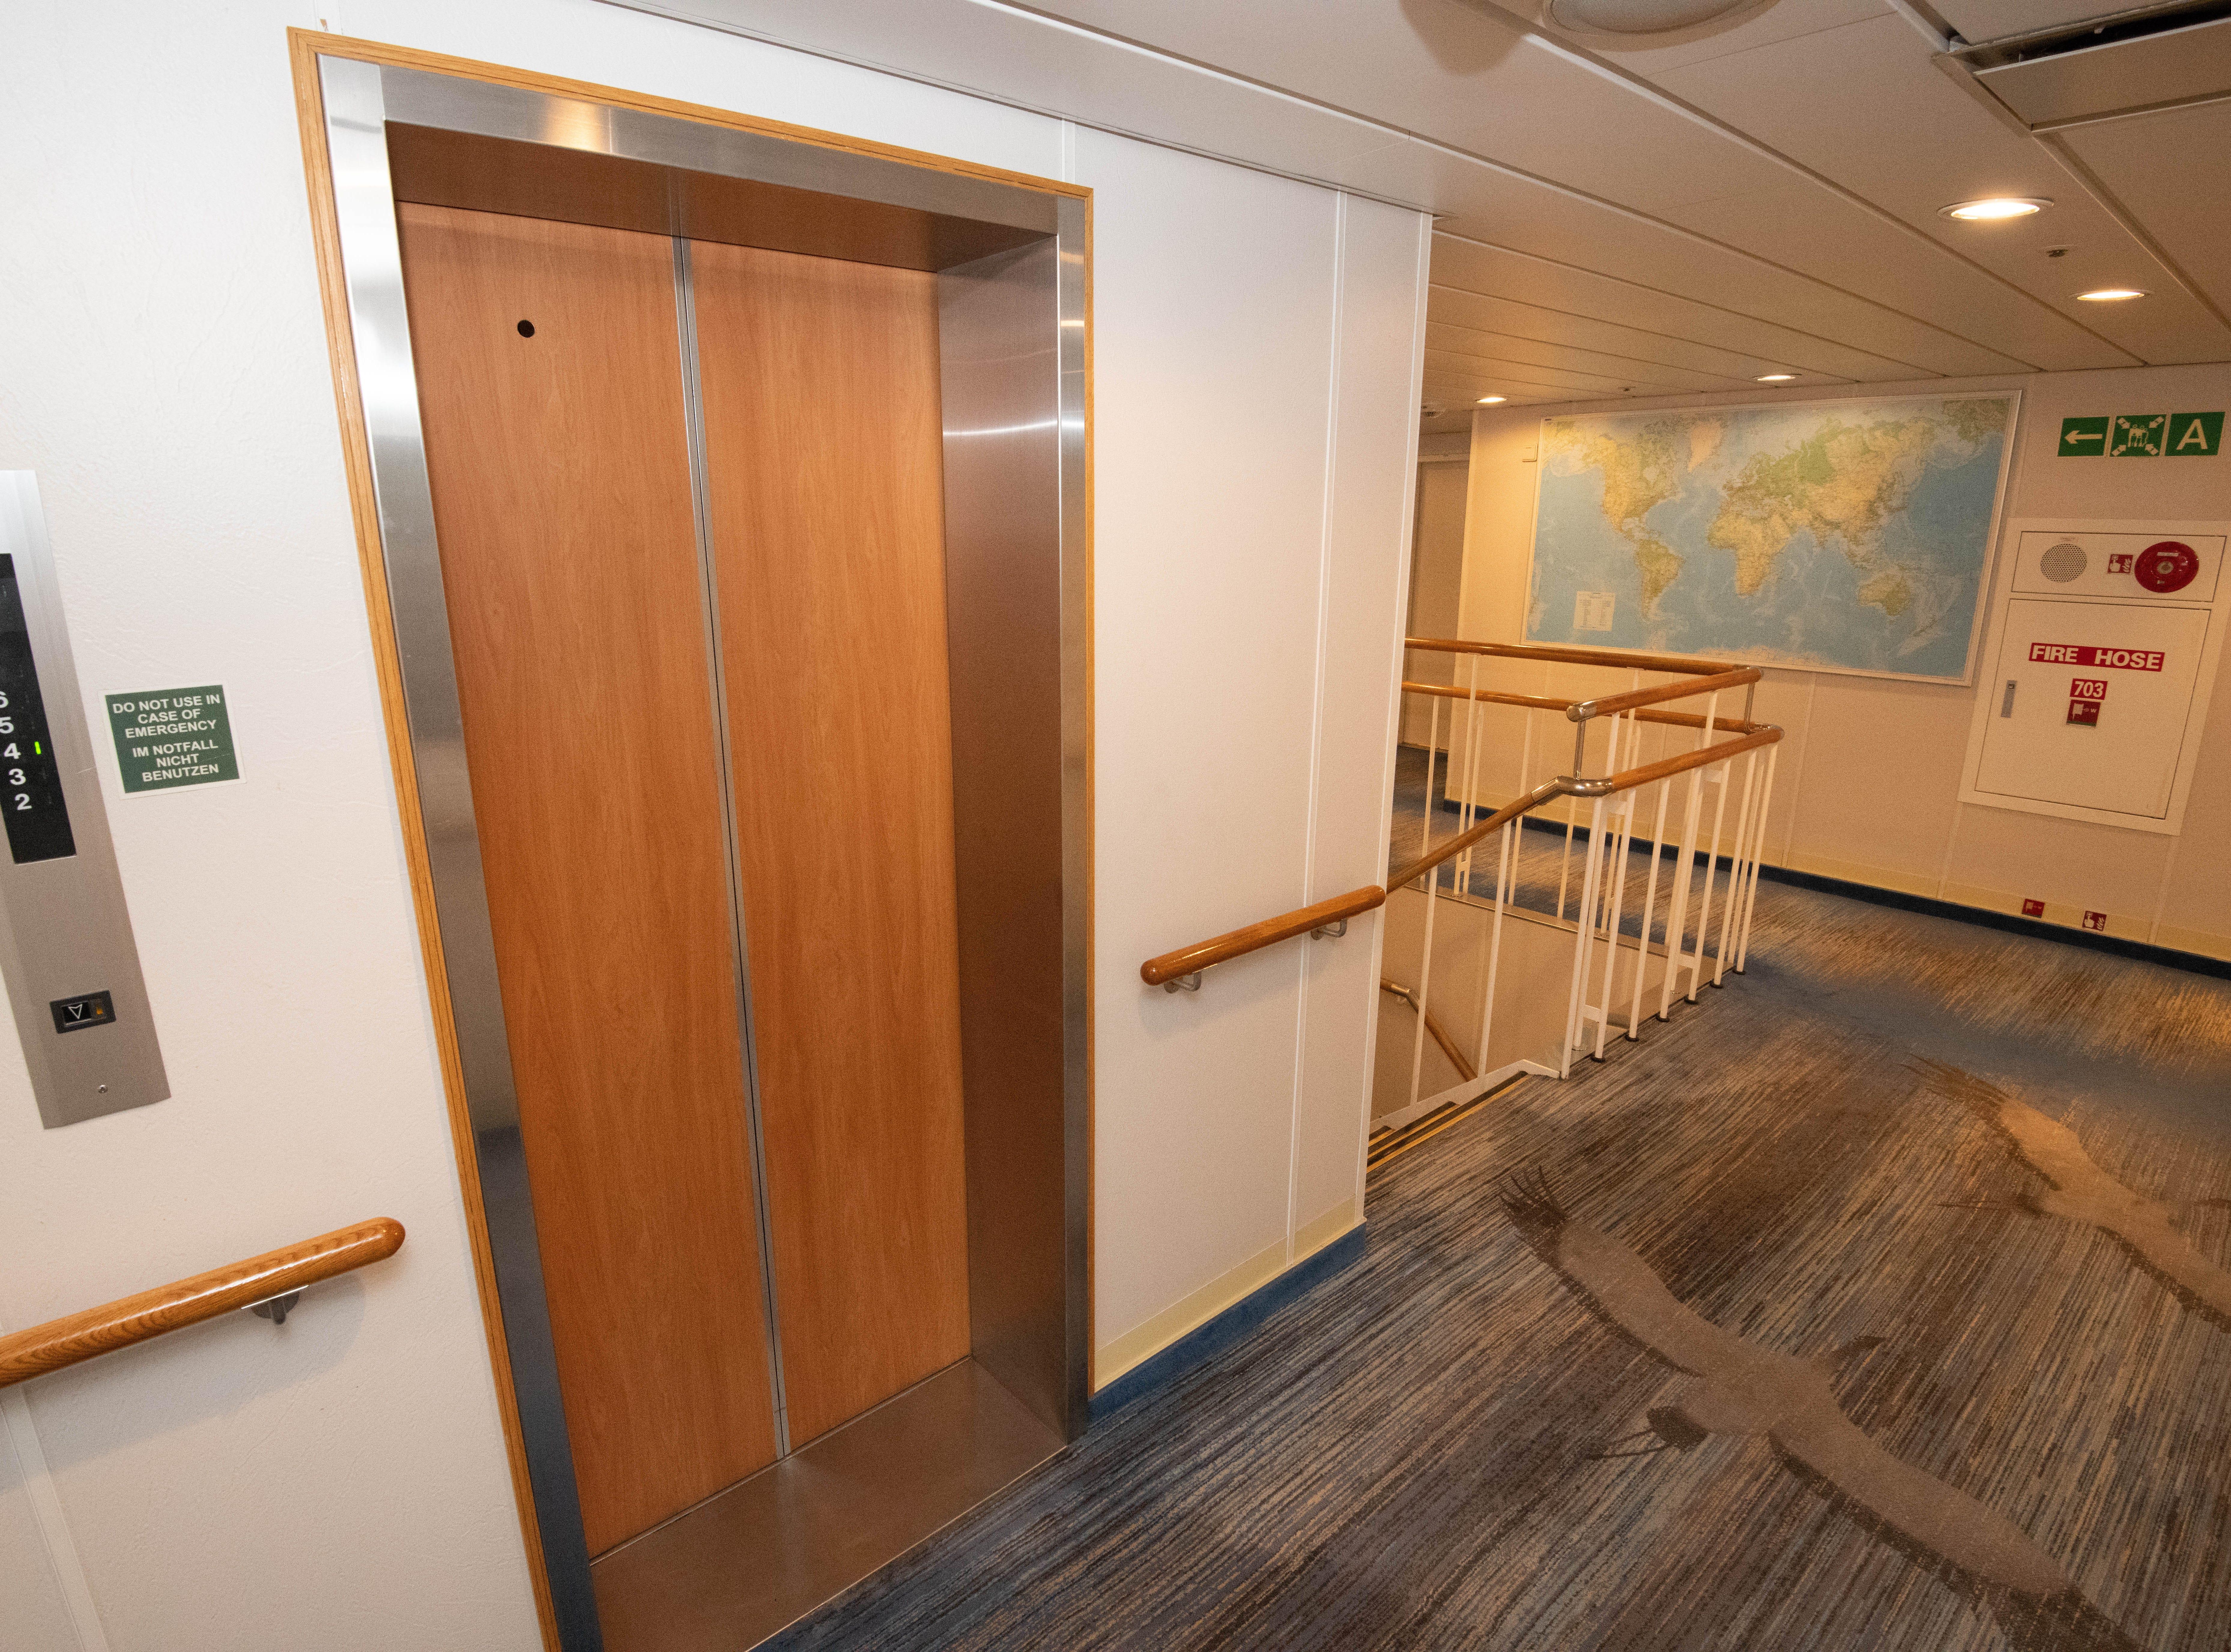 Bremen offers elevators between passenger decks in two locations.